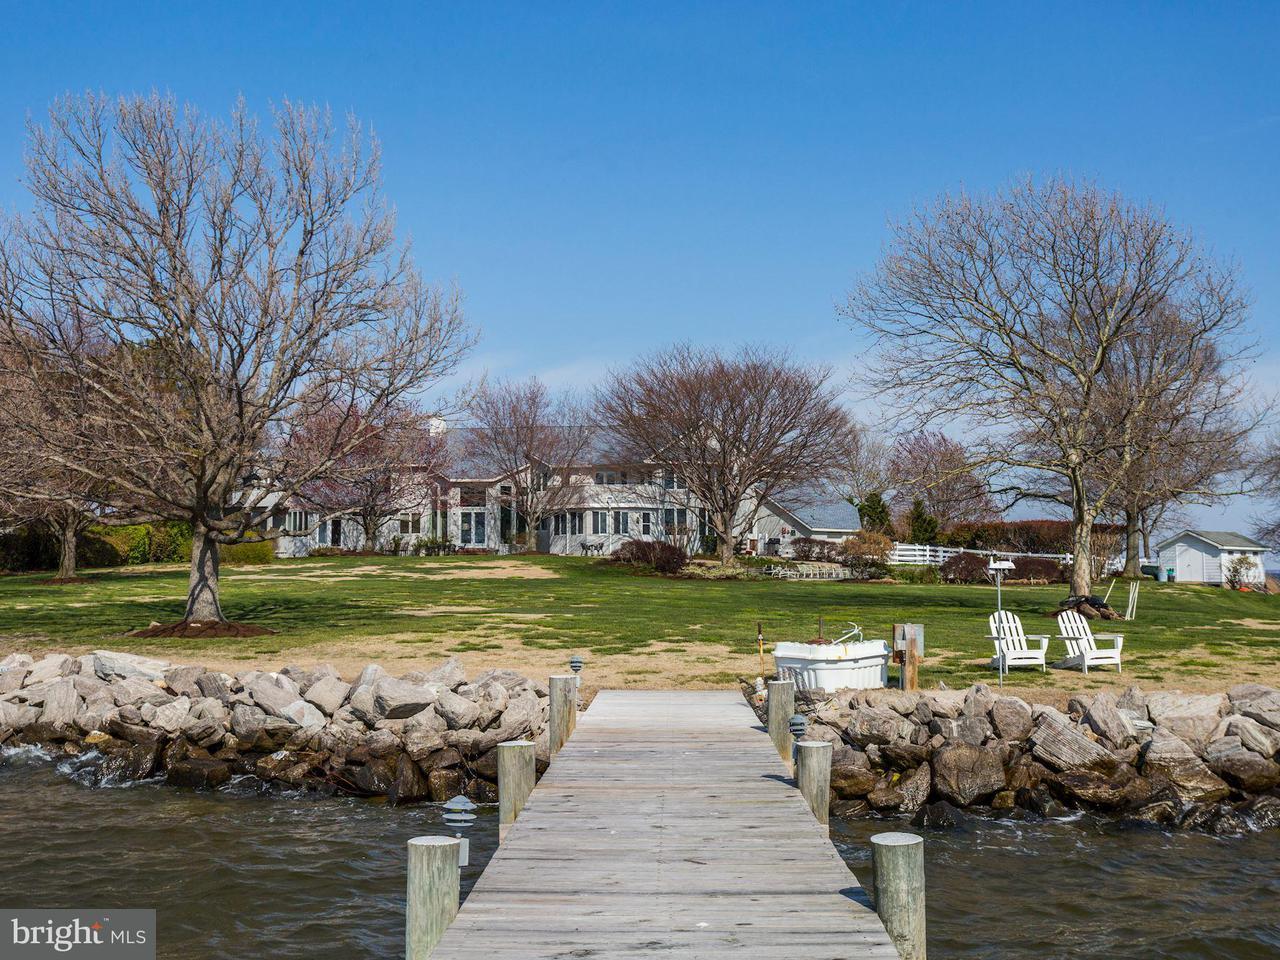 Частный односемейный дом для того Продажа на 2886 Cox Neck Road 2886 Cox Neck Road Chester, Мэриленд 21619 Соединенные Штаты